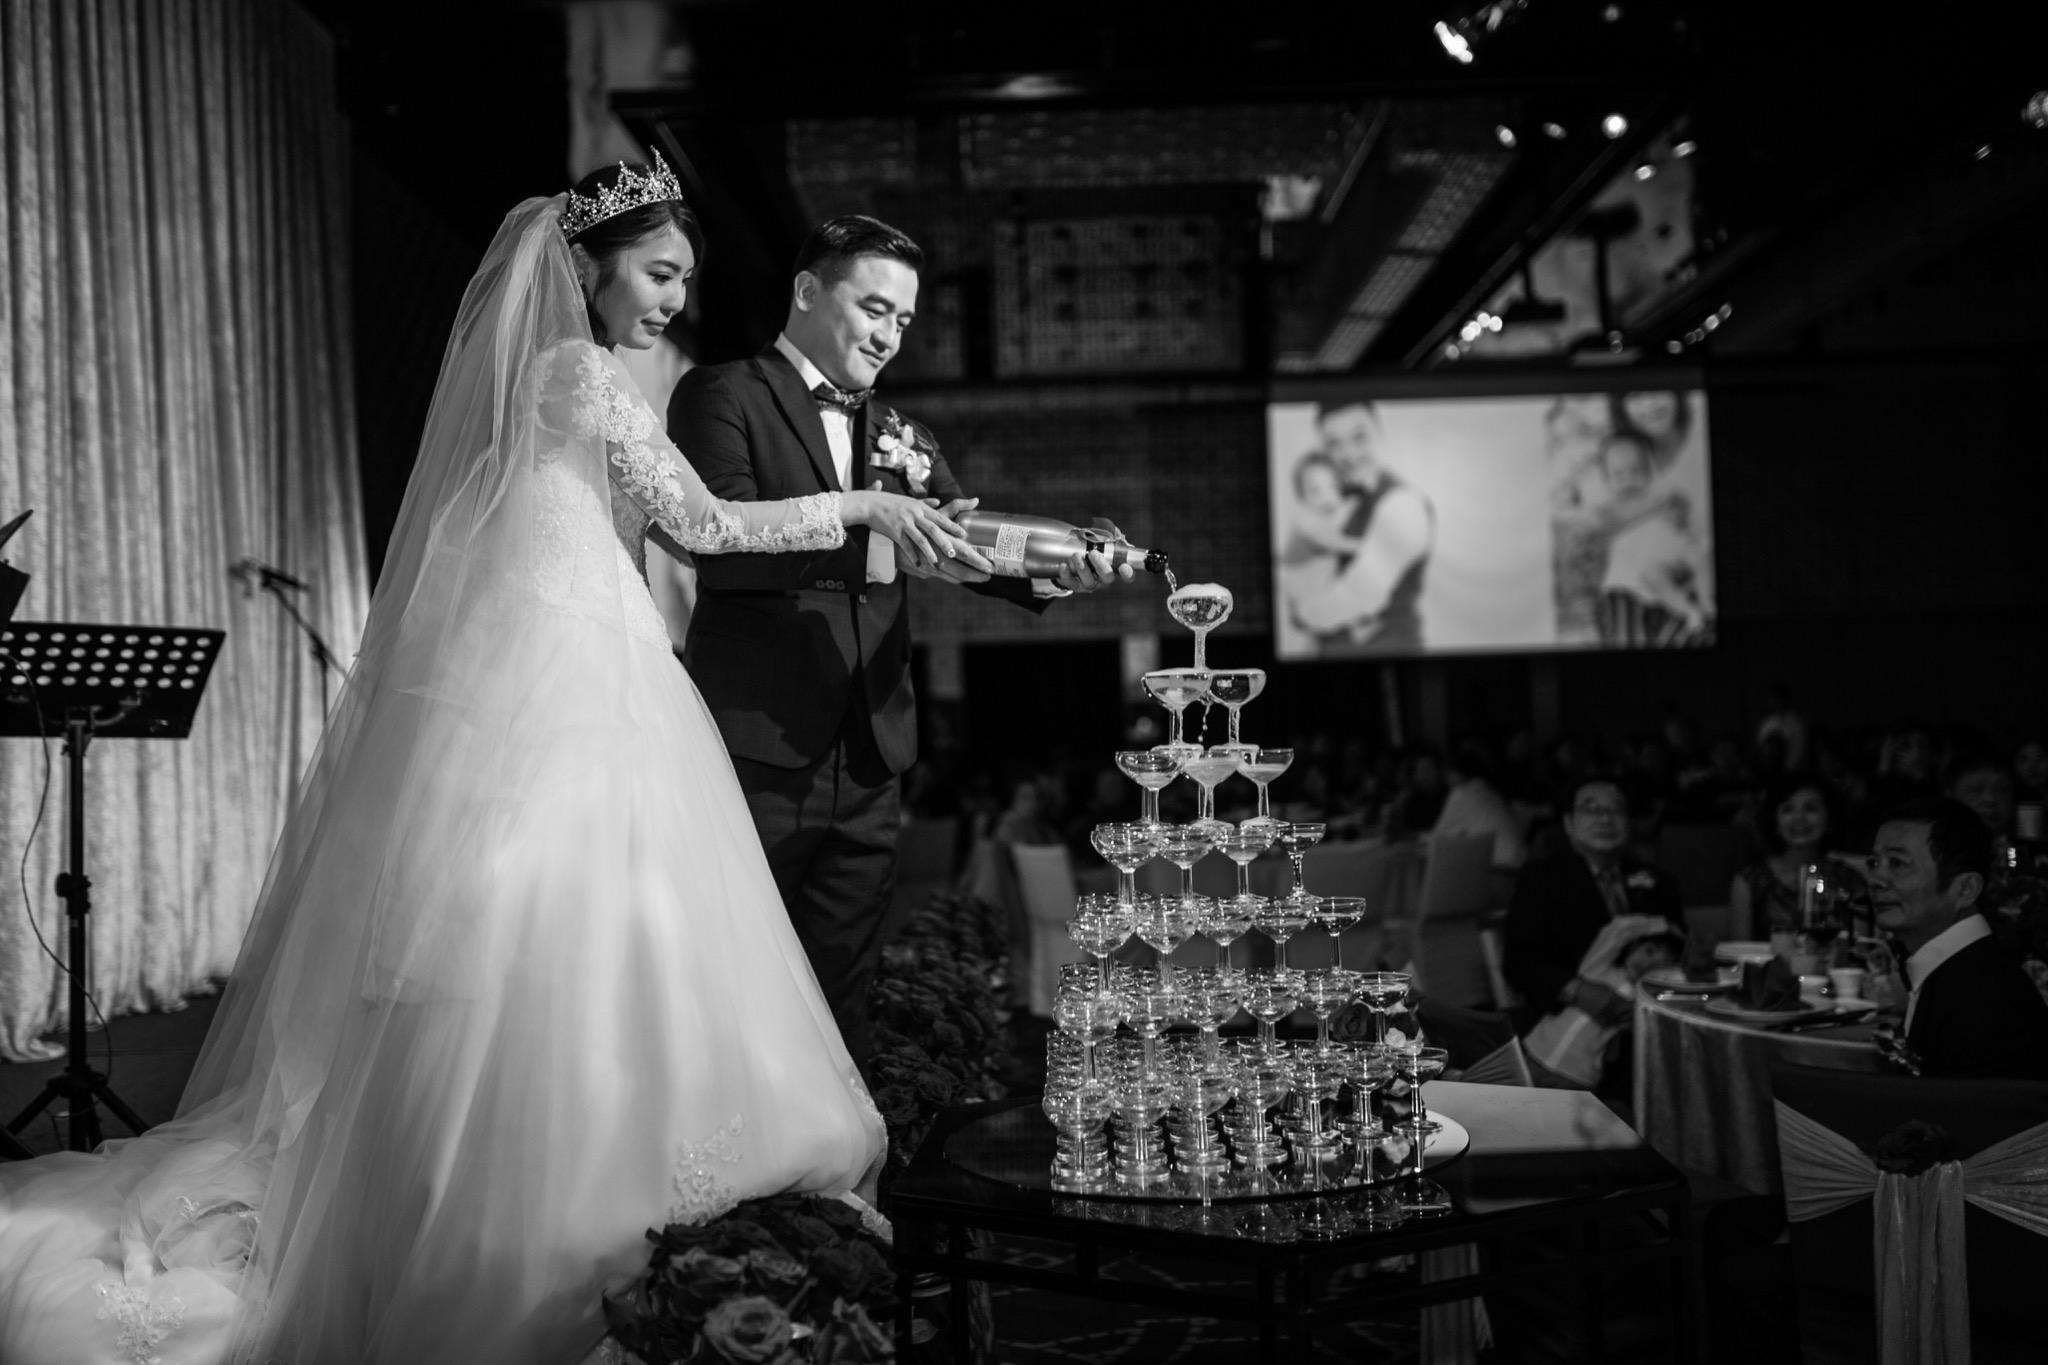 台北晶華酒店婚禮儀式,台中婚錄推薦53